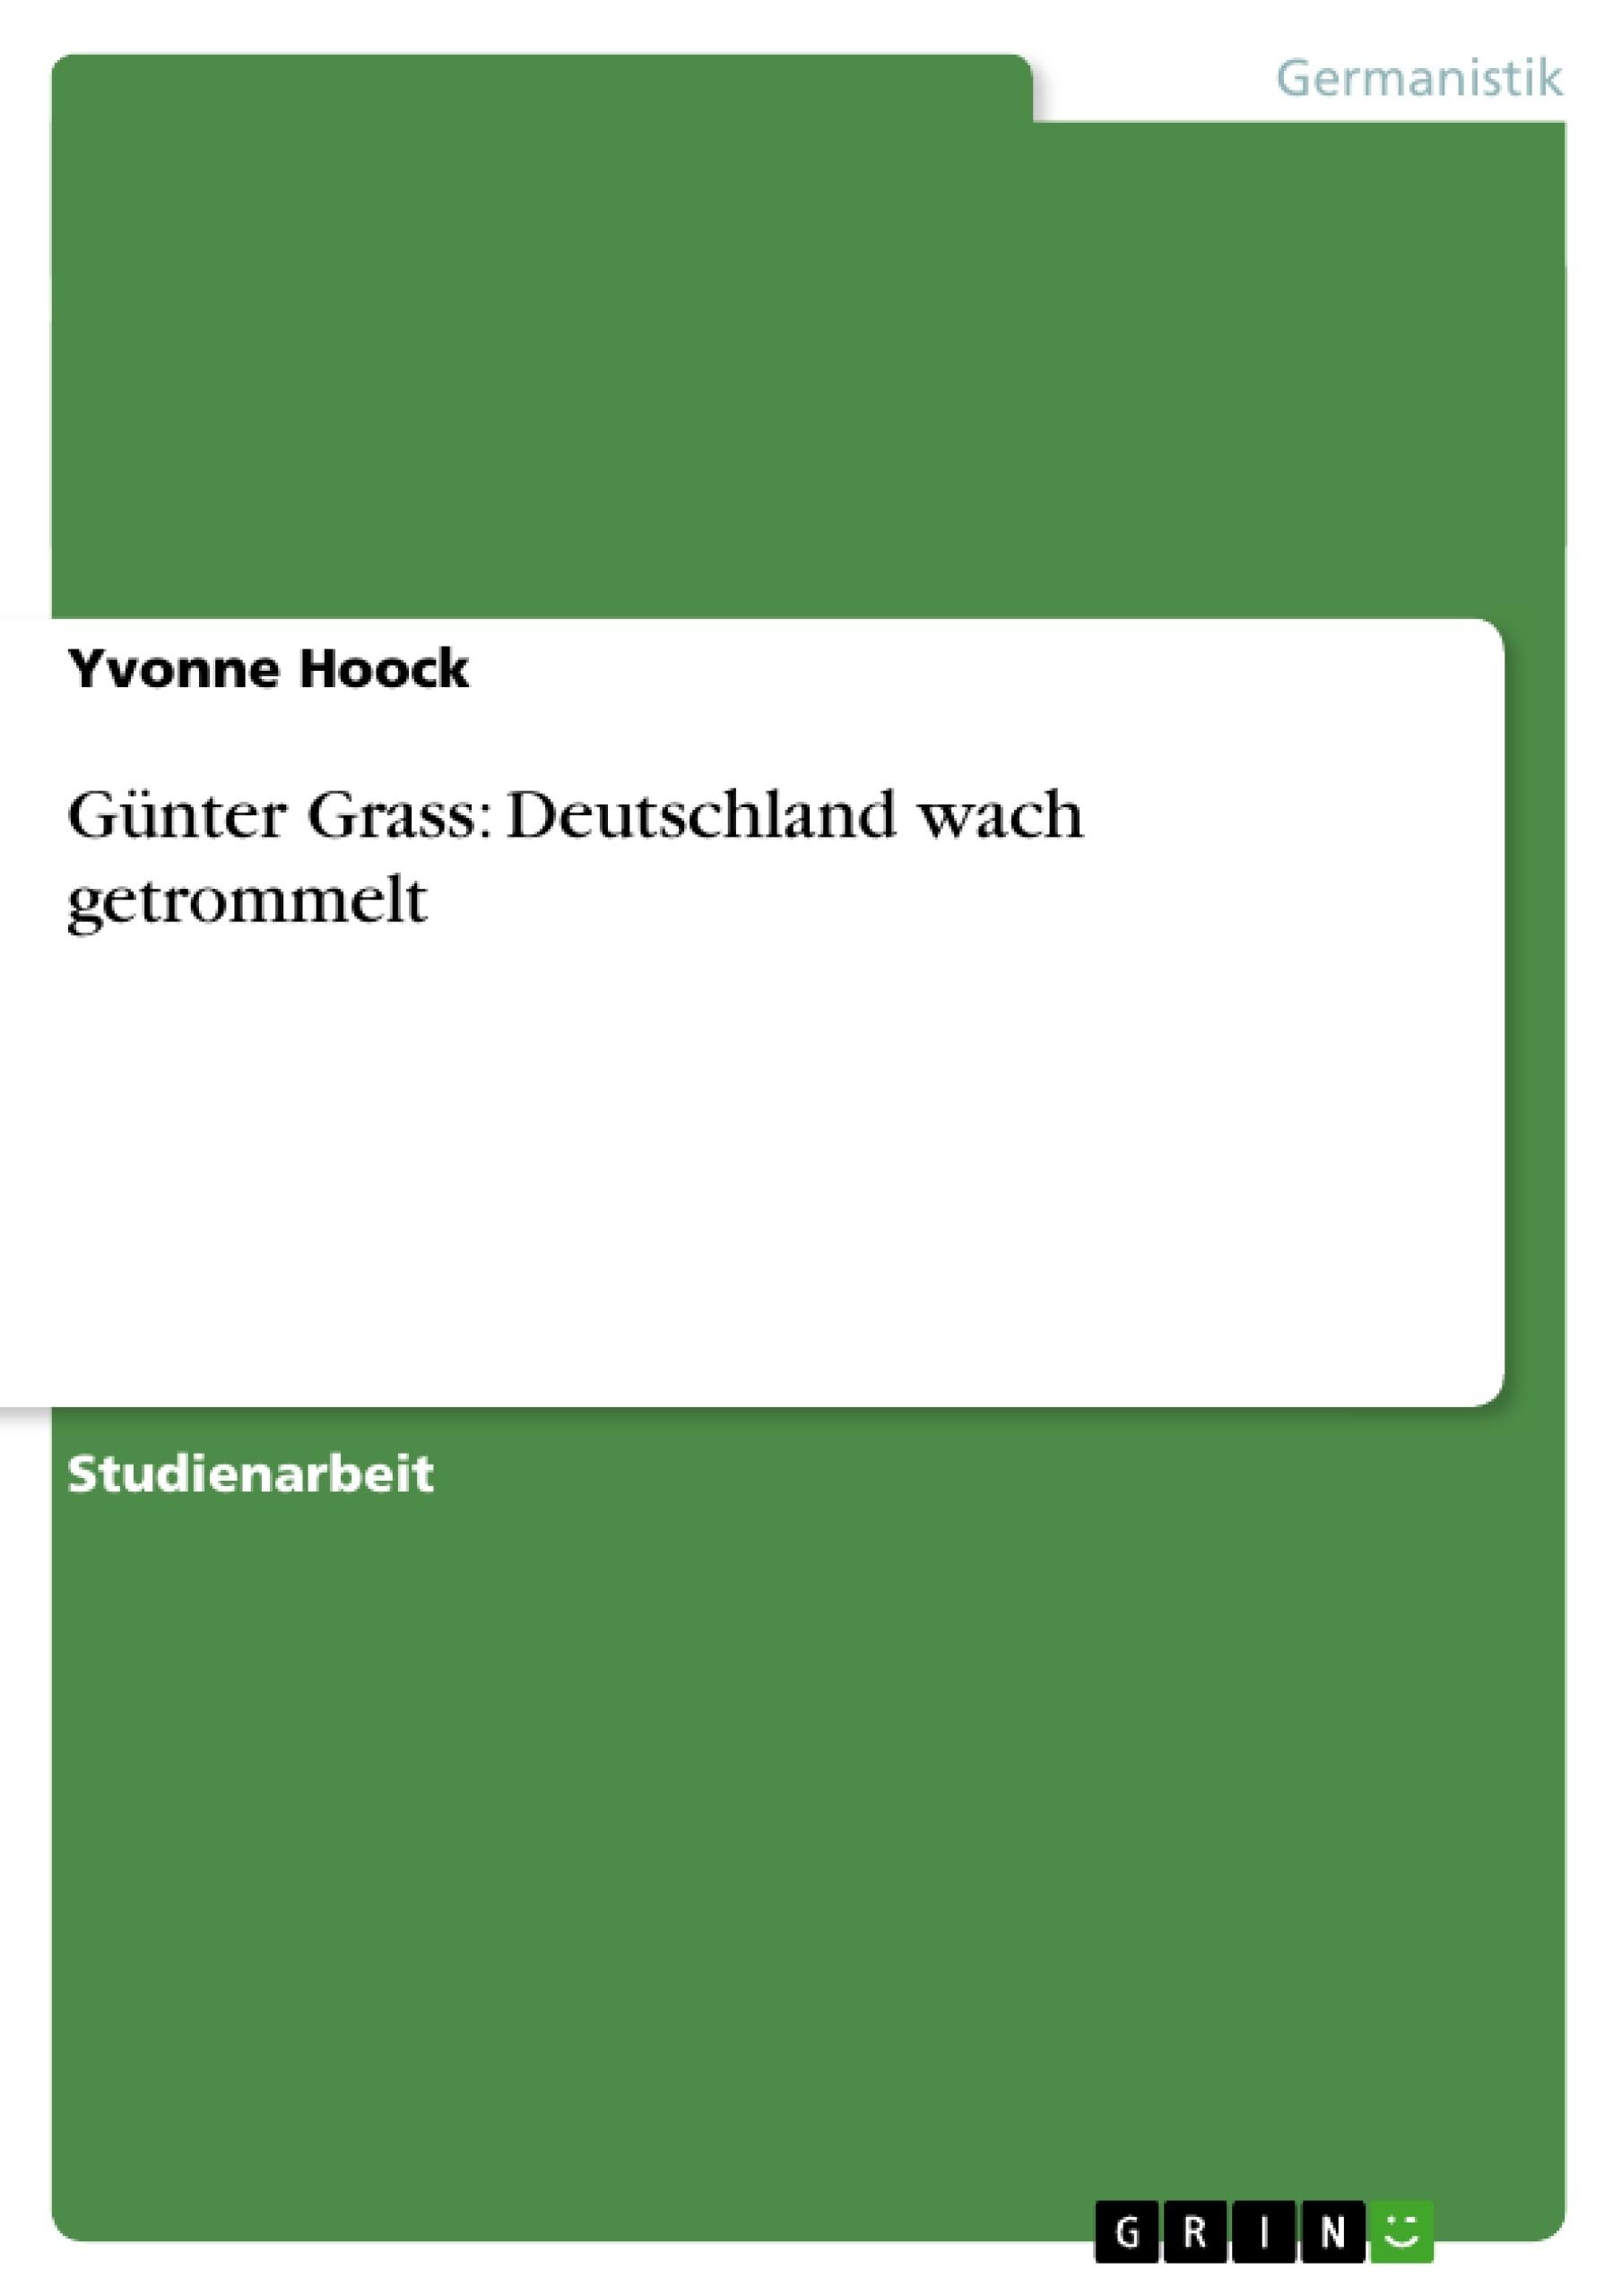 Titel: Günter Grass: Deutschland wach getrommelt